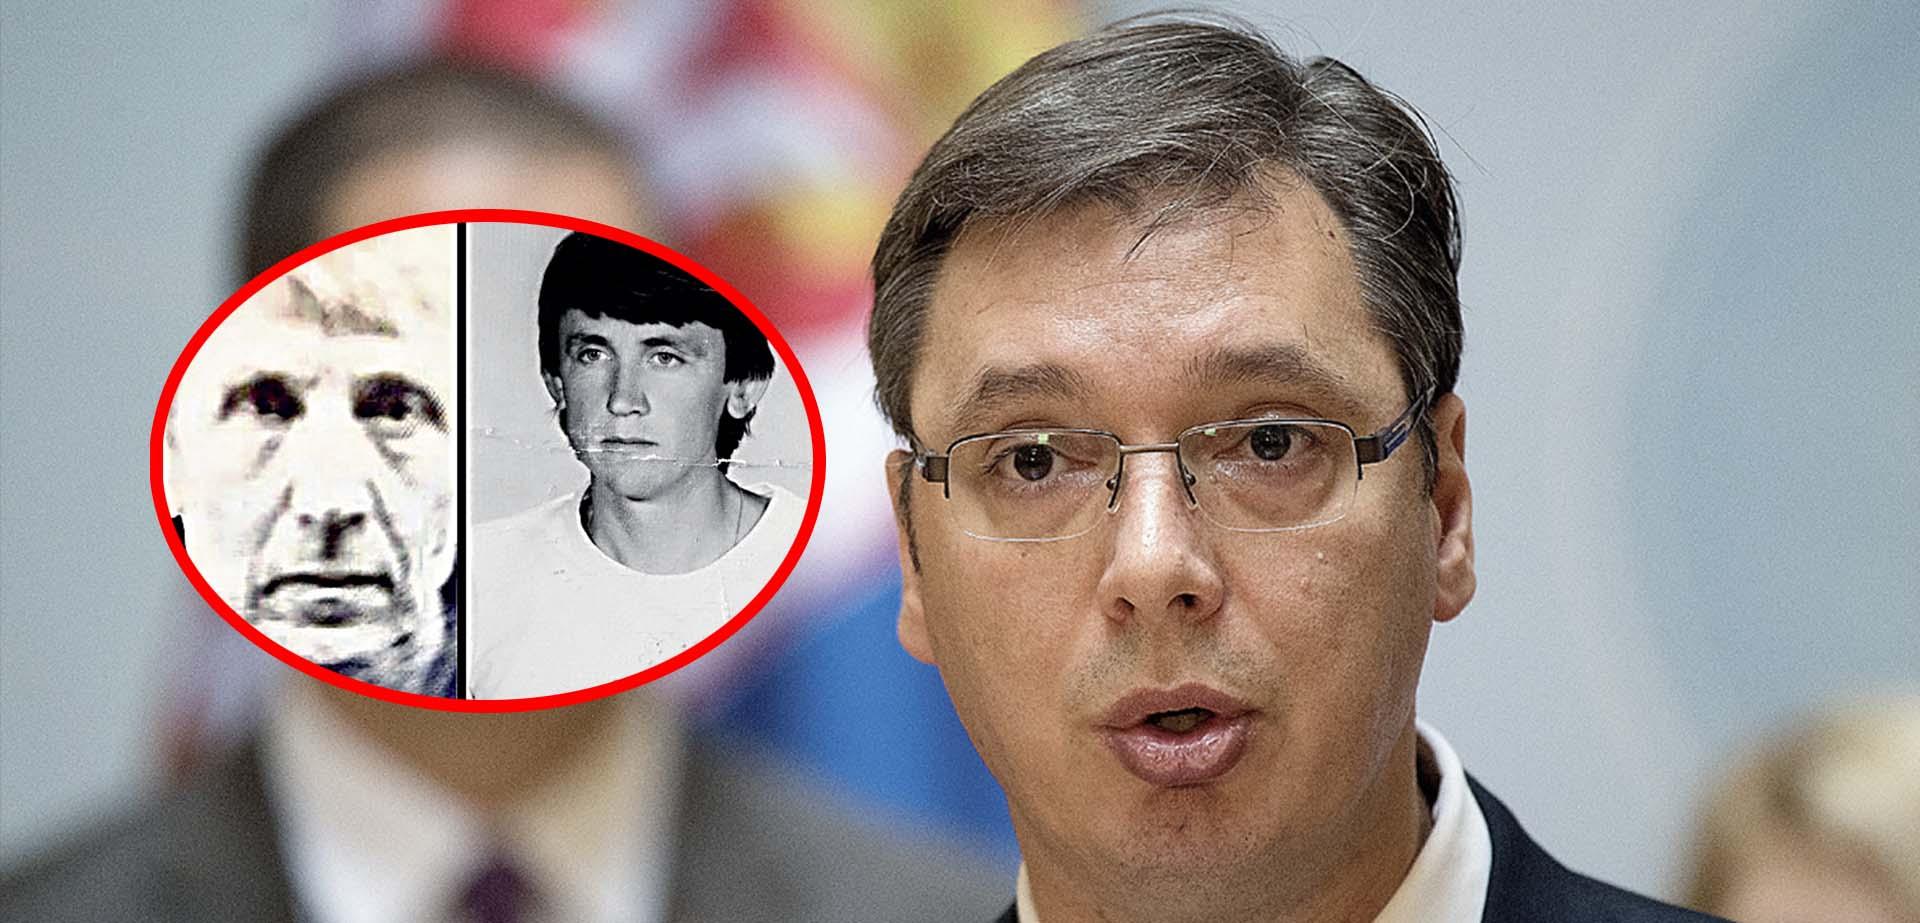 Čolović je imao informacije o djelovanju ruskih špijuna i dobrovoljaca u Domovinskom ratu